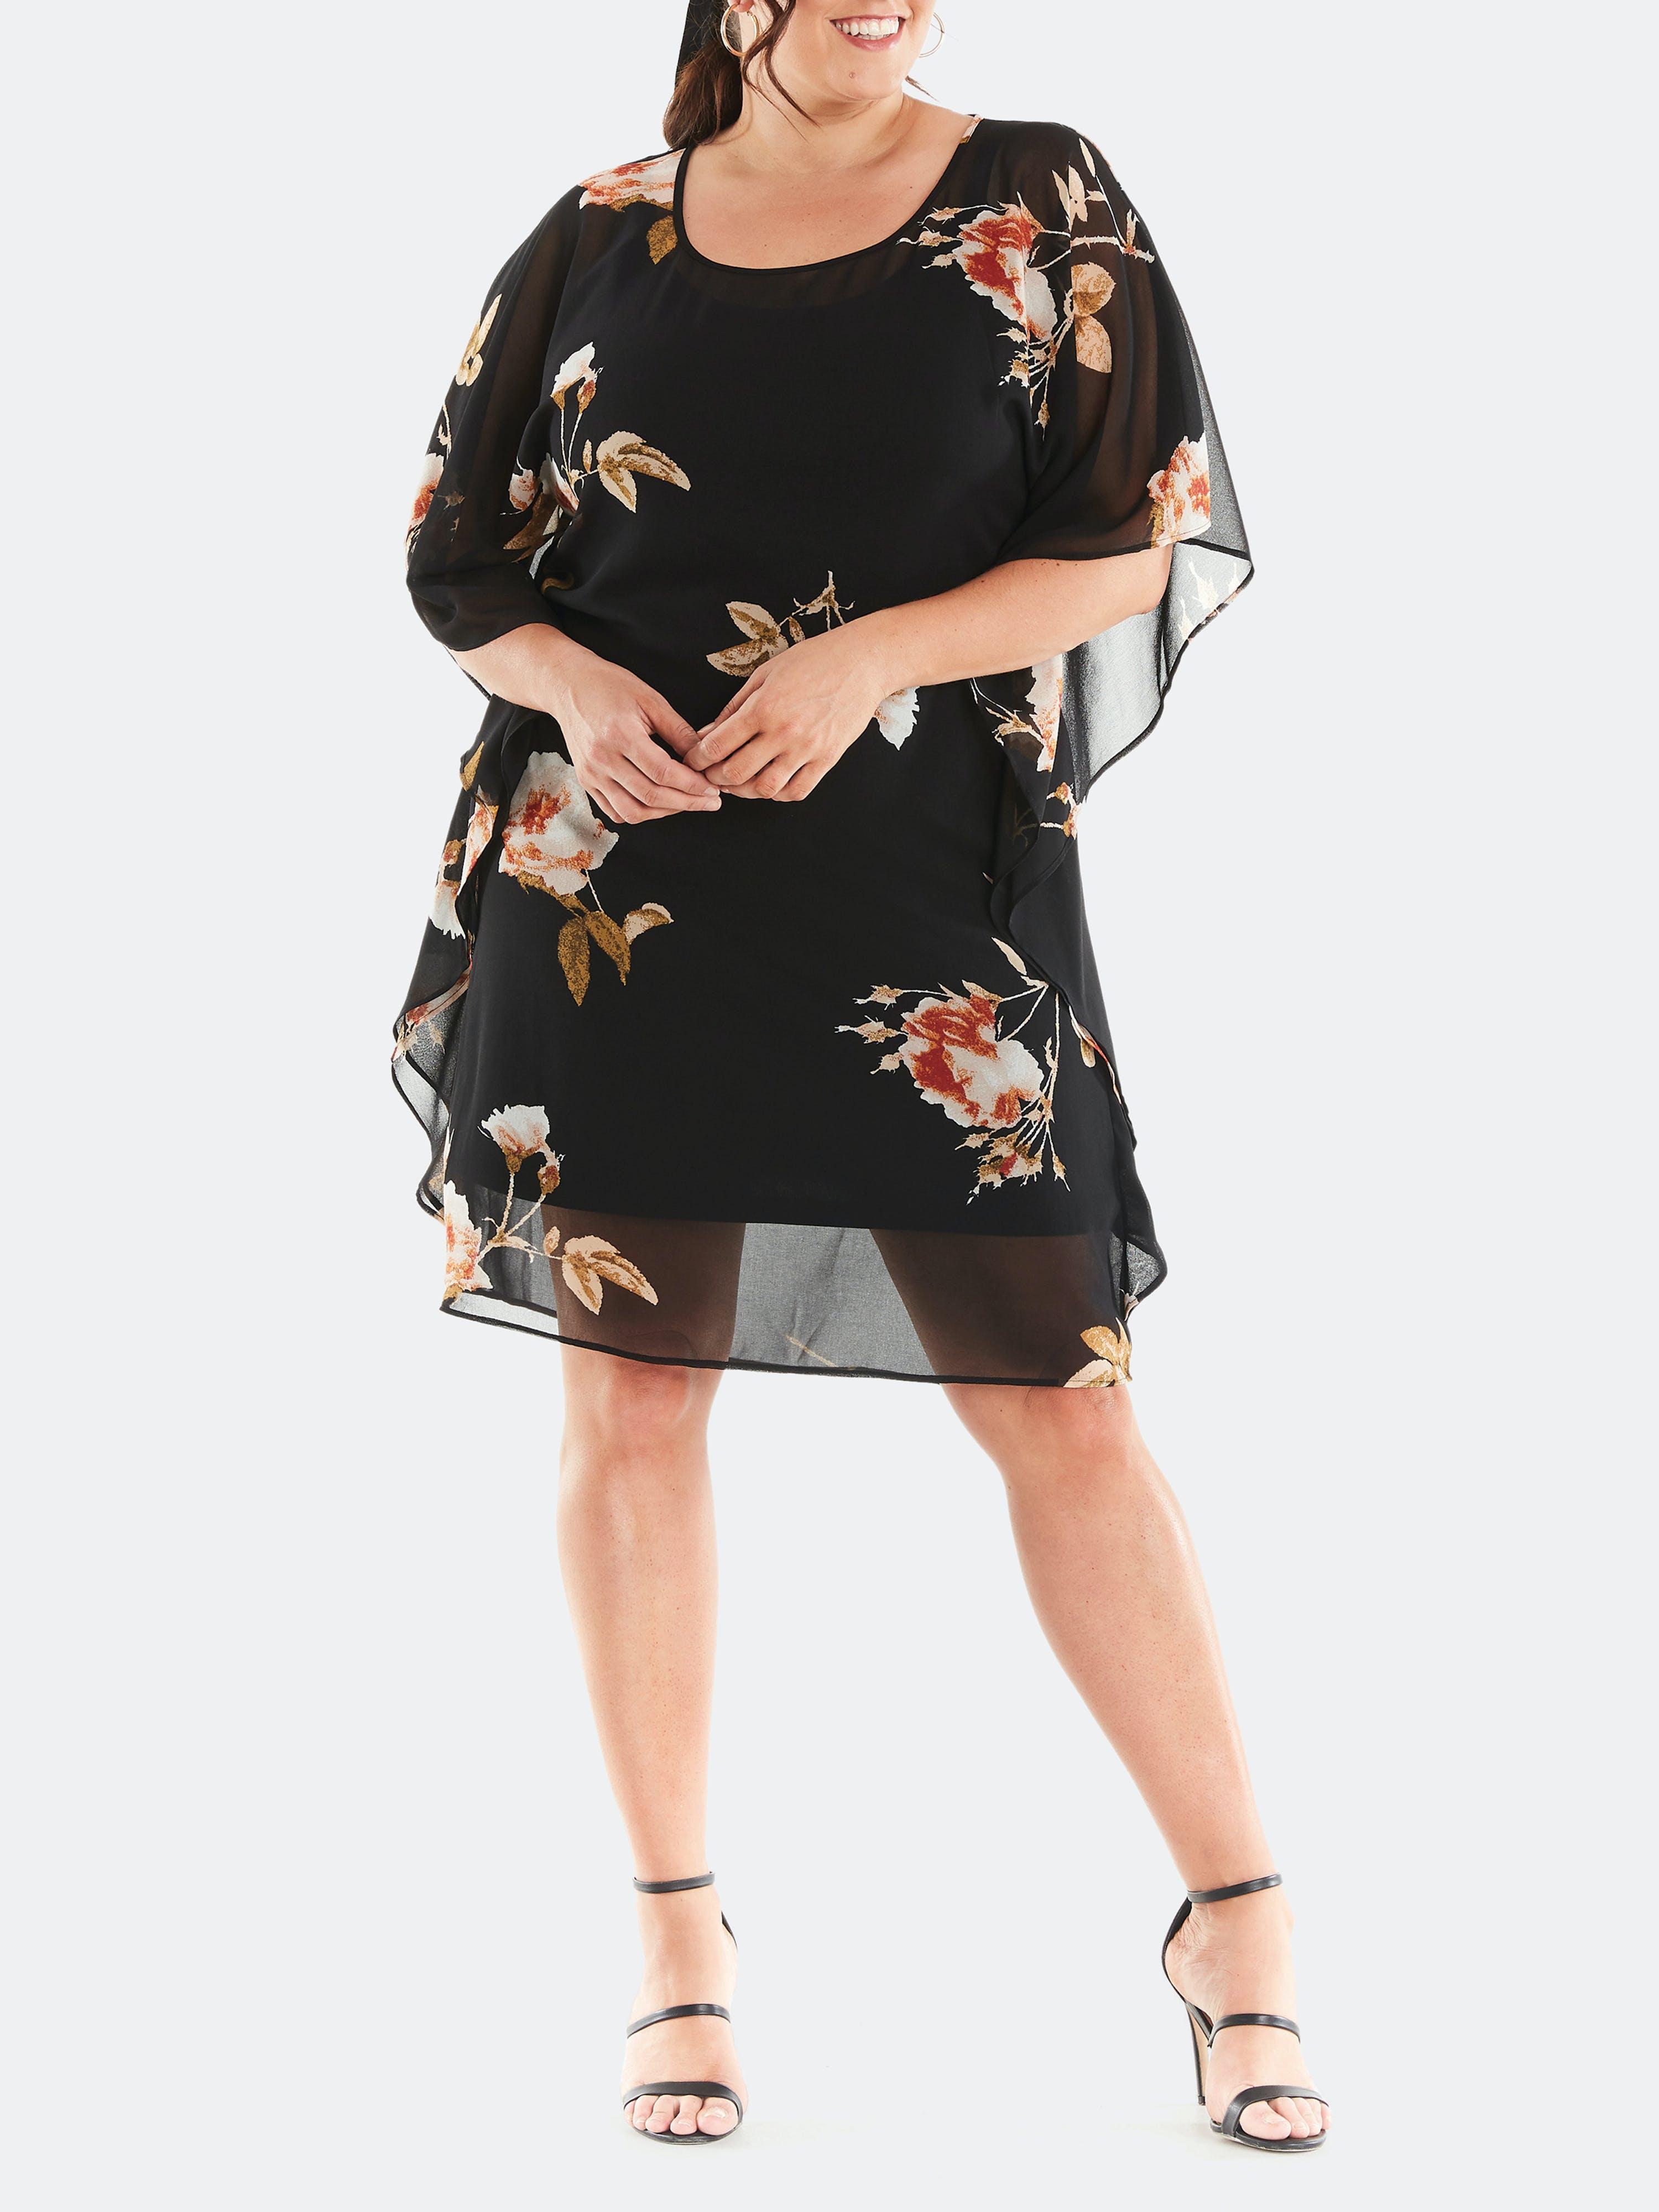 Estelle - Verified Partner Rose Garden Dress - 1X - Also in: 2X, 3X, 4X  - Black